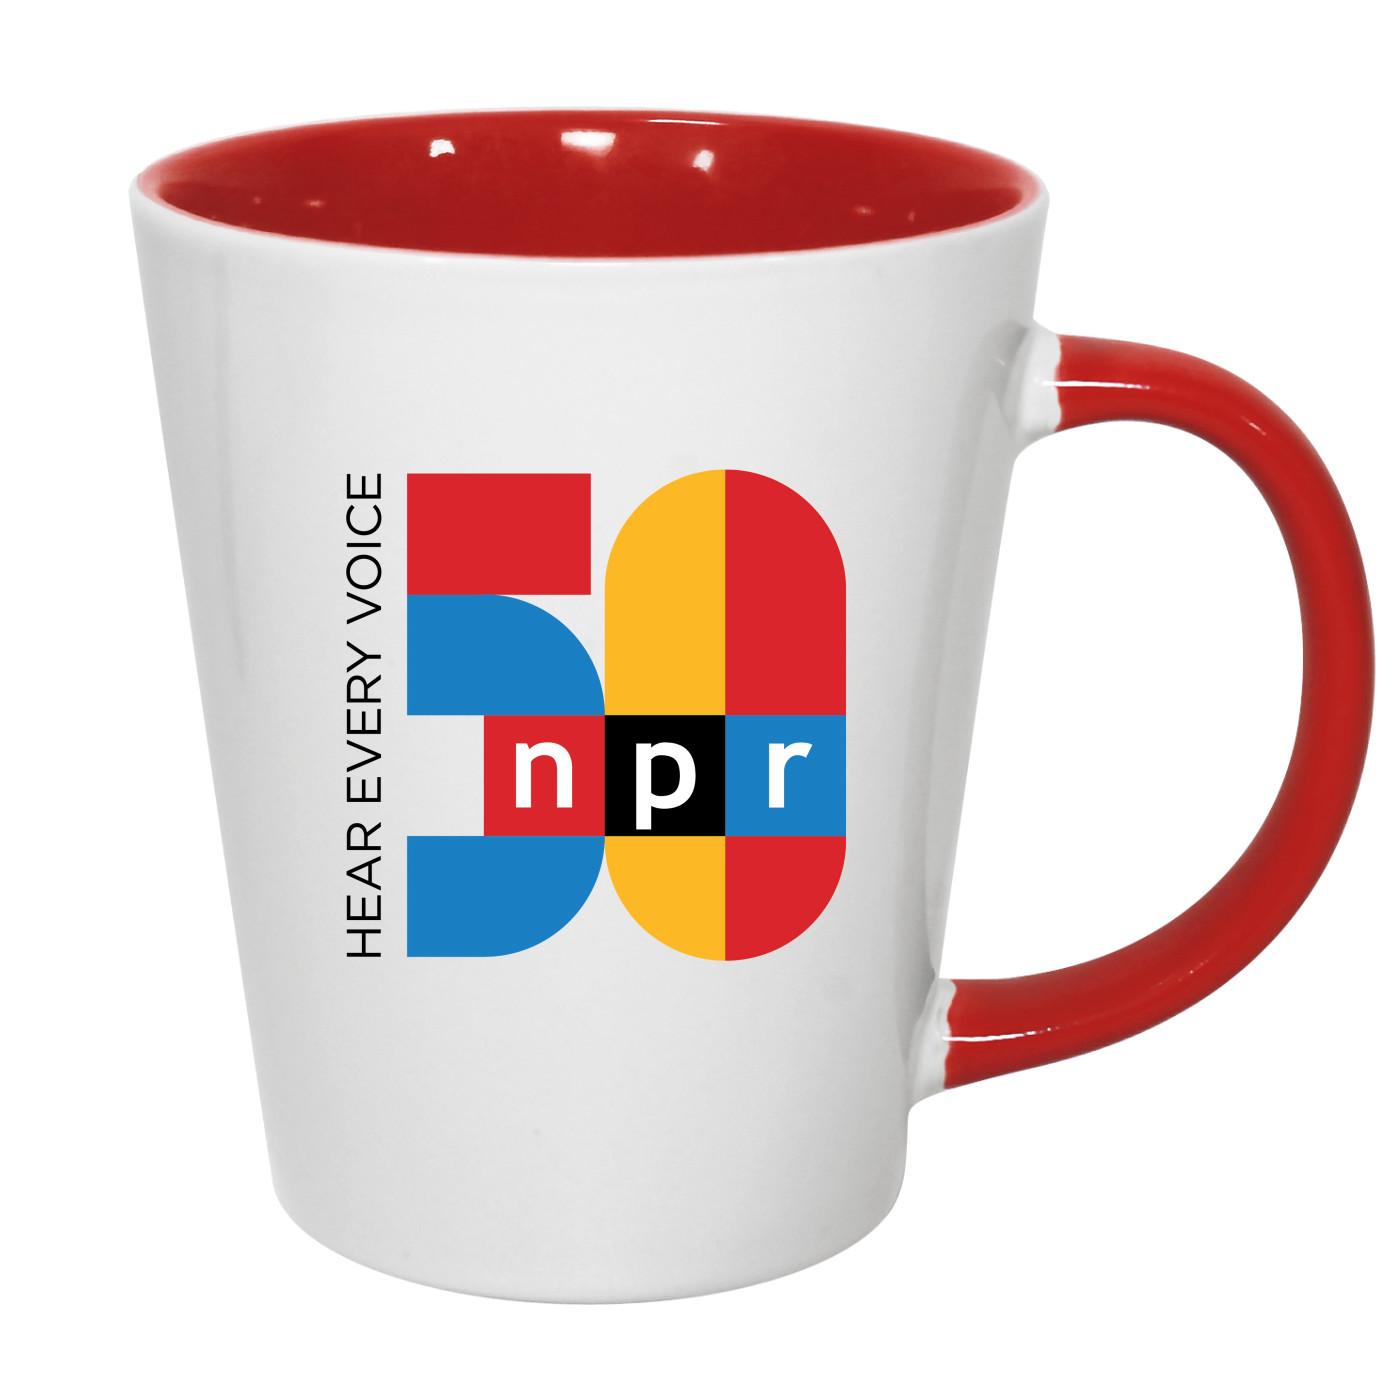 NPR Mug